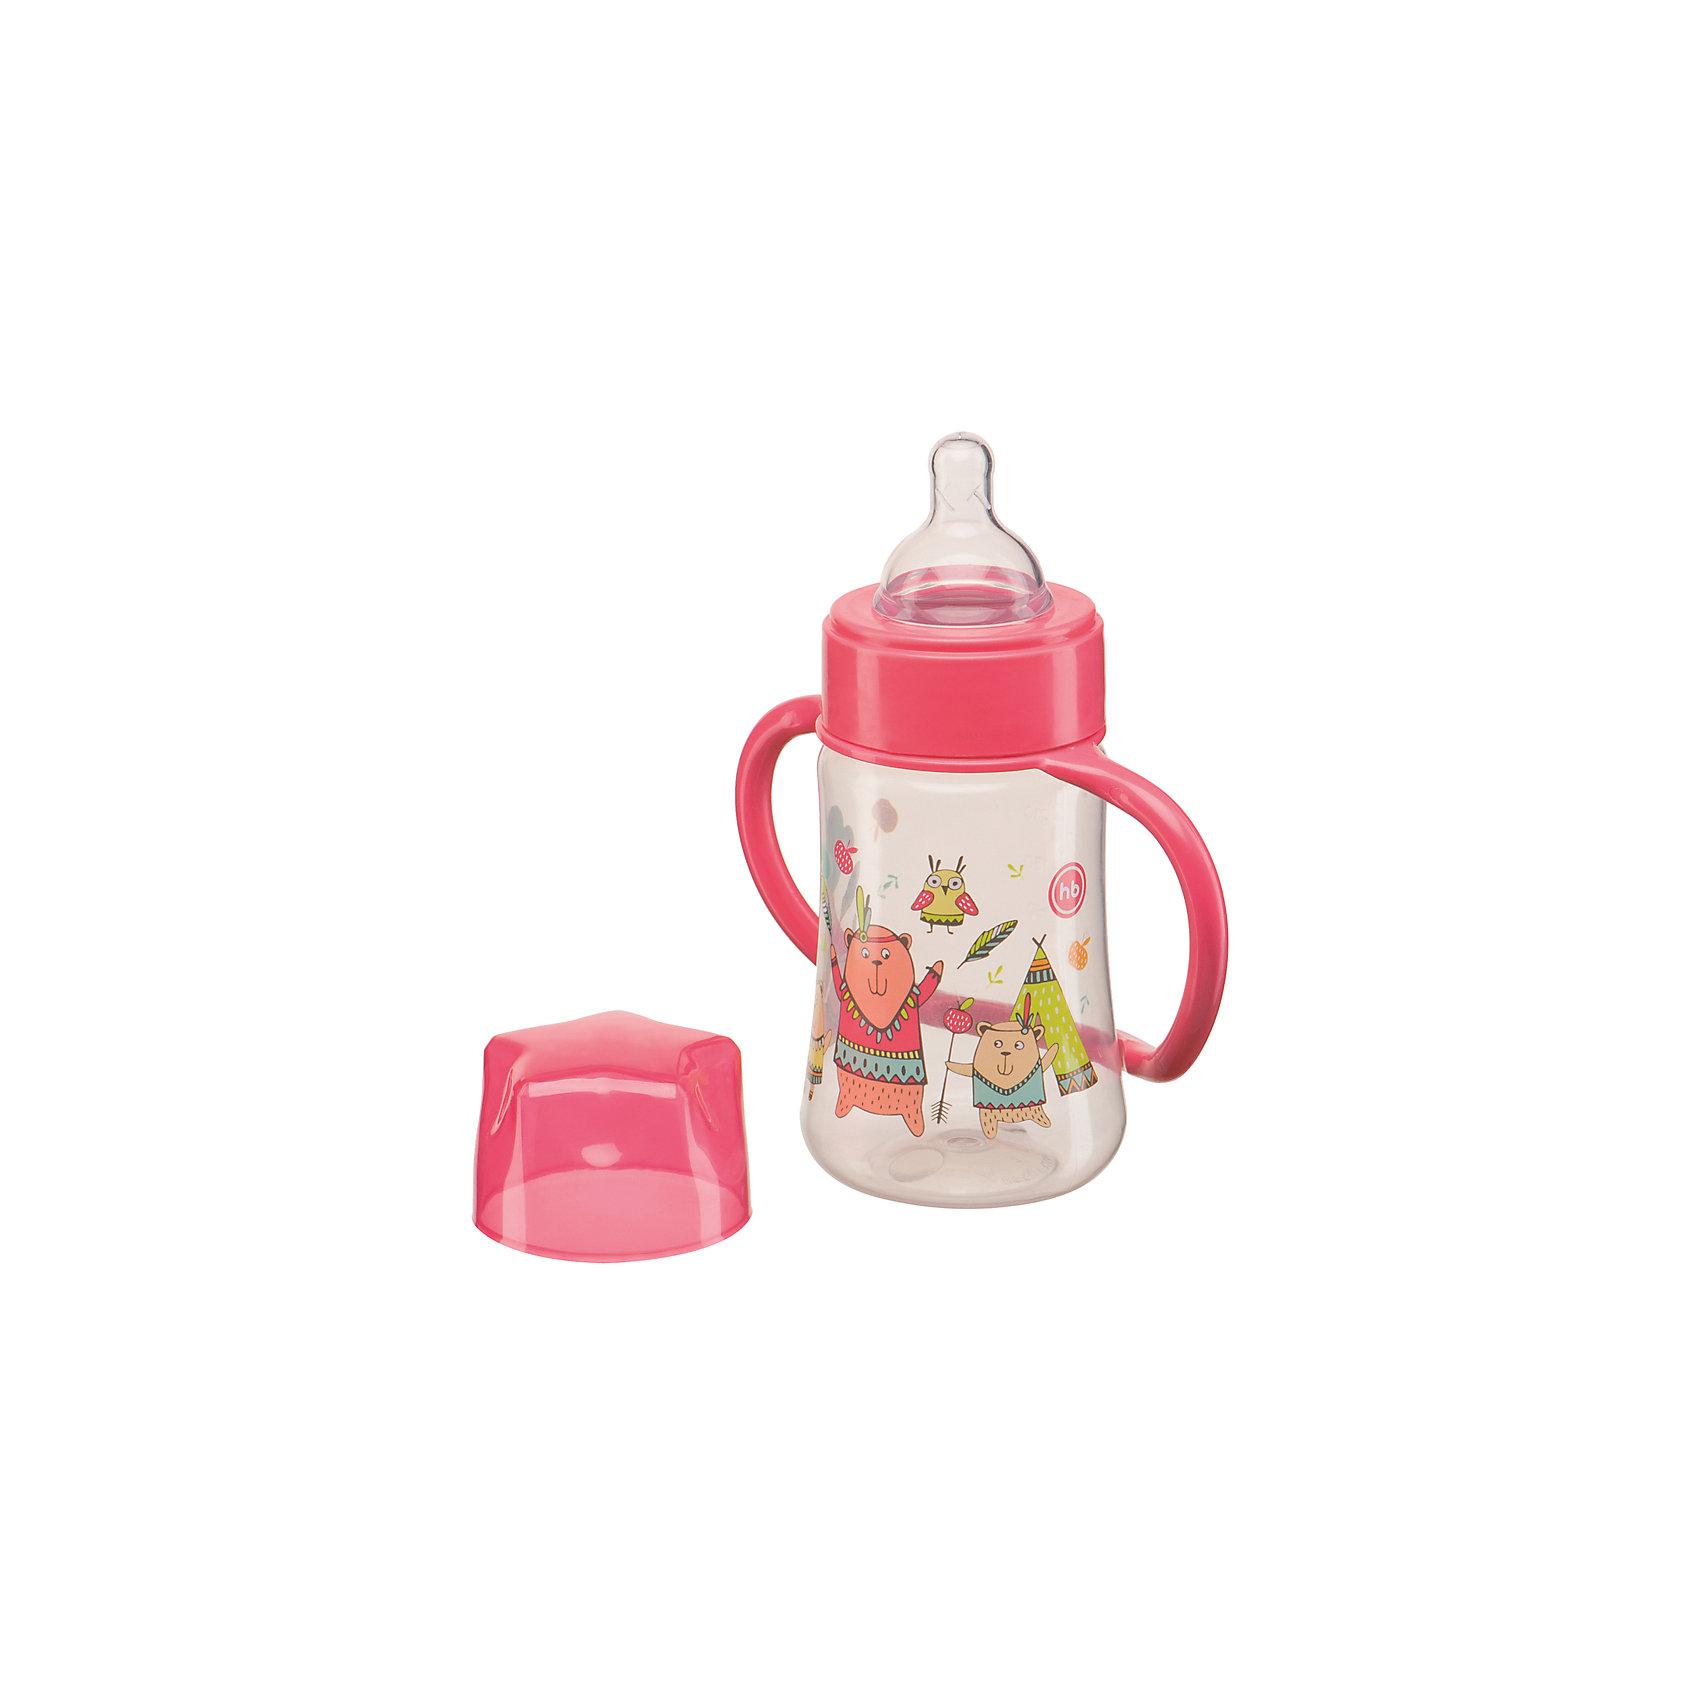 Бутылочка для кормления с ручками, 250 мл, Happy Baby, красный210 - 281 мл.<br>Легкая бутылочка Baby Bottle с ручками от английского производителя Happy Baby, 250 мл,  красный предназначена для кормления малышей с первых дней жизни. В нее можно добавлять сцеженное грудное молоко, детскую молочную смесь и воду. Четкая шкала деления поможет определить, сколько малыш выпил жидкости. <br>Бутылочка имеет широкое горлышко, оснащена силиконовой соской, безопасной для детских десен, которую по мере изнашивания можно приобретать отдельно. К емкости крепятся пластиковые съемные ручки, удобные для захвата маленькими пальчиками ребенка. При необходимости ручки можно снять. Бутылочка имеет герметичную крышку, что  позволяет избежать попадания внутрь микроорганизмов, пыли или грязи. Во время кормления жидкость из бутылки не выльется, также ее можно класть в сумку и спокойно идти гулять. Бутылочка Happy Baby обладает антиколиковым эффектом: благодаря специальному клапану излишний воздух будет удаляться из емкости во время глотания малышом молока. Это позволит избежать вздутия и колик. Кроме того, силиконовая соска обеспечивает медленный равномерный поток. Материал бутылочки – качественный полипропилен, простой в эксплуатации и уходе. Не содержит бисфенол А. Так как бутылка классической формы, ее легко можно мыть губкой или ершиком.  <br><br>Дополнительная информация:<br><br>- эргономичные ручки<br>- герметичная крышка<br>- ручки легко снимаются<br>- шкала с делениями в 30 мл.<br>- медленный поток<br>- материал: полипропилен, силикон<br>- материал: соски: силикон<br>- объем бутылочки: 250 мл.<br><br>Бутылочку для кормления с ручками, 250 мл, Happy Baby, красный можно купить в нашем интернет-магазине.<br><br>Ширина мм: 75<br>Глубина мм: 135<br>Высота мм: 230<br>Вес г: 93<br>Возраст от месяцев: 0<br>Возраст до месяцев: 12<br>Пол: Унисекс<br>Возраст: Детский<br>SKU: 4696782